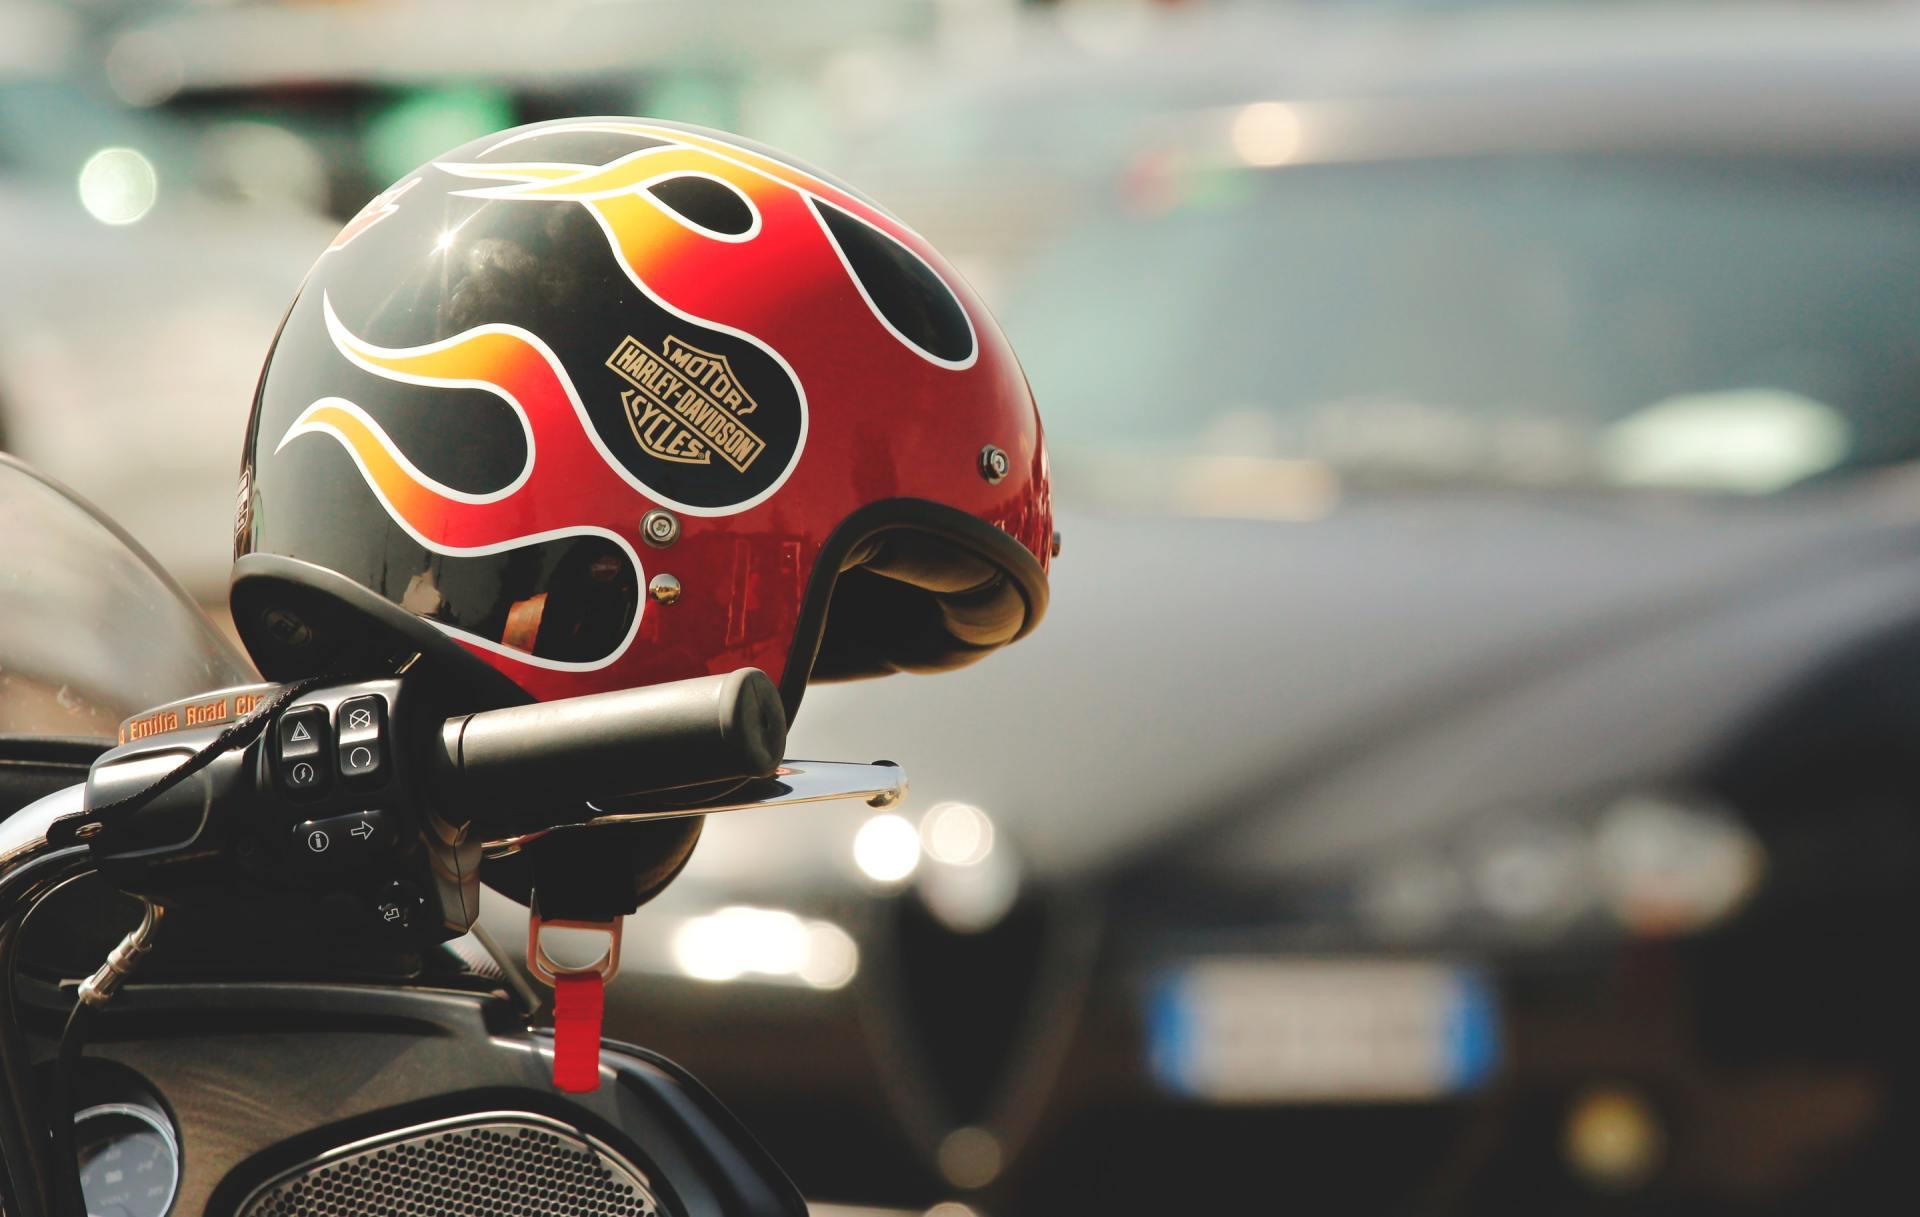 724b61881d2e2 Mais que um meio de transporte, motocicleta é hobby para muitos